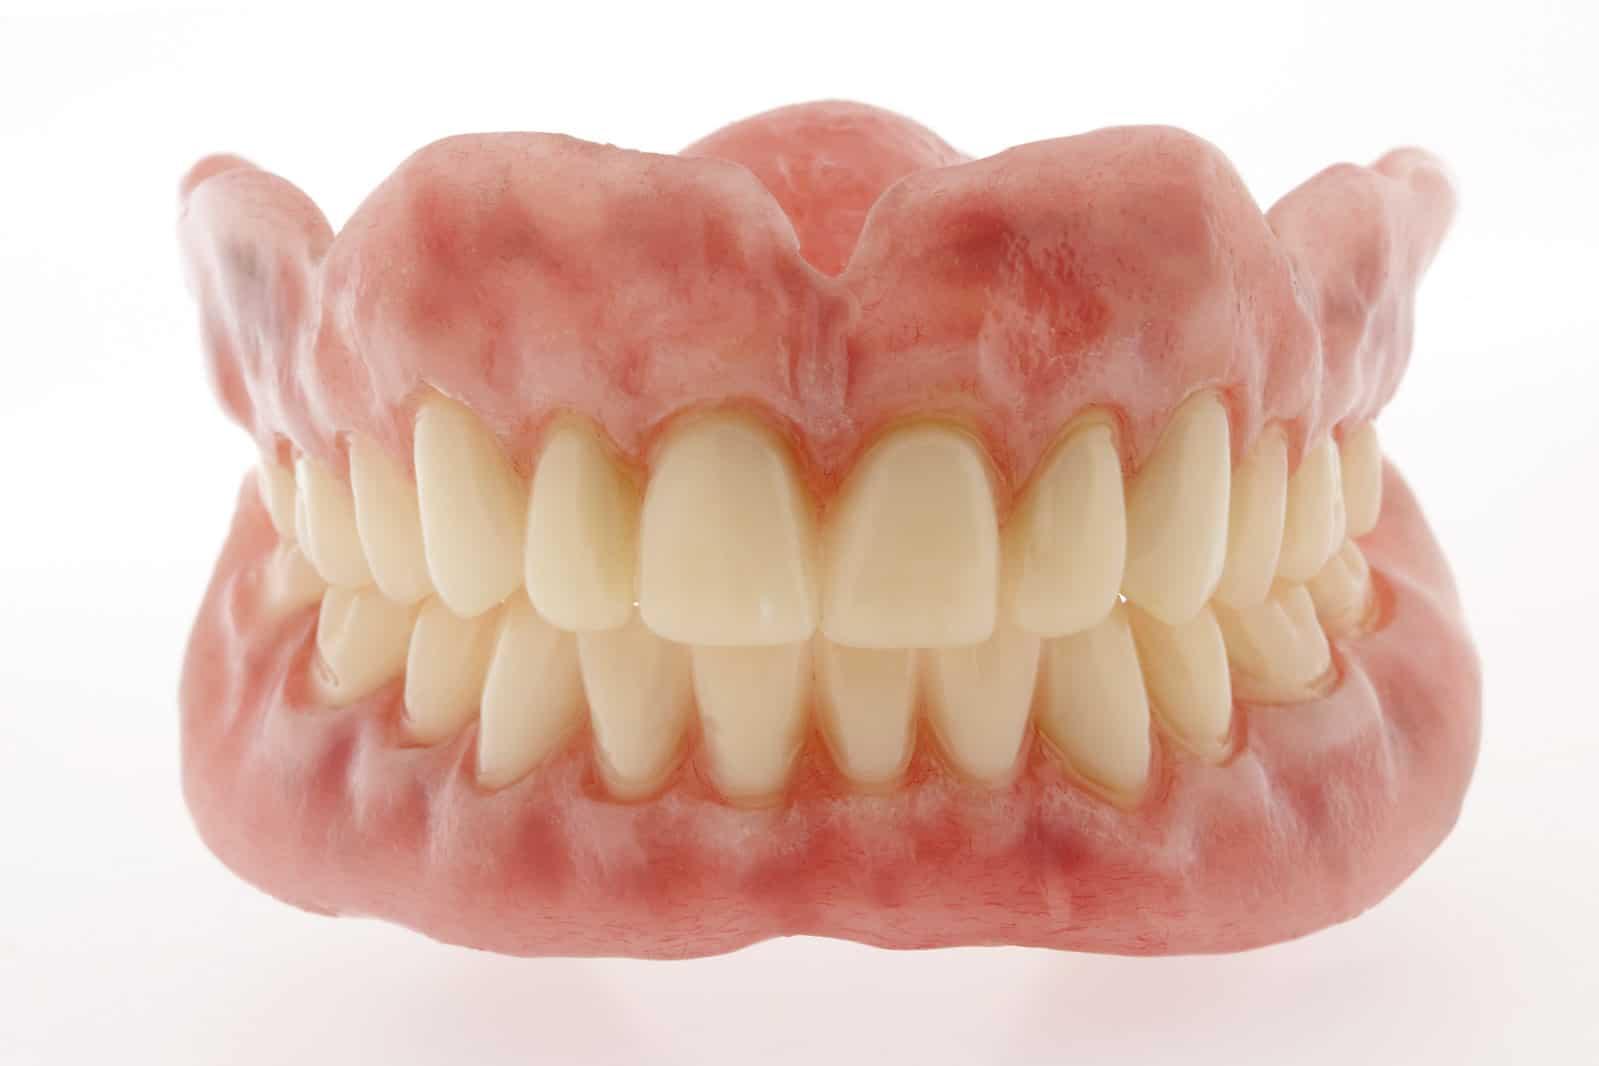 dentures, dental facts